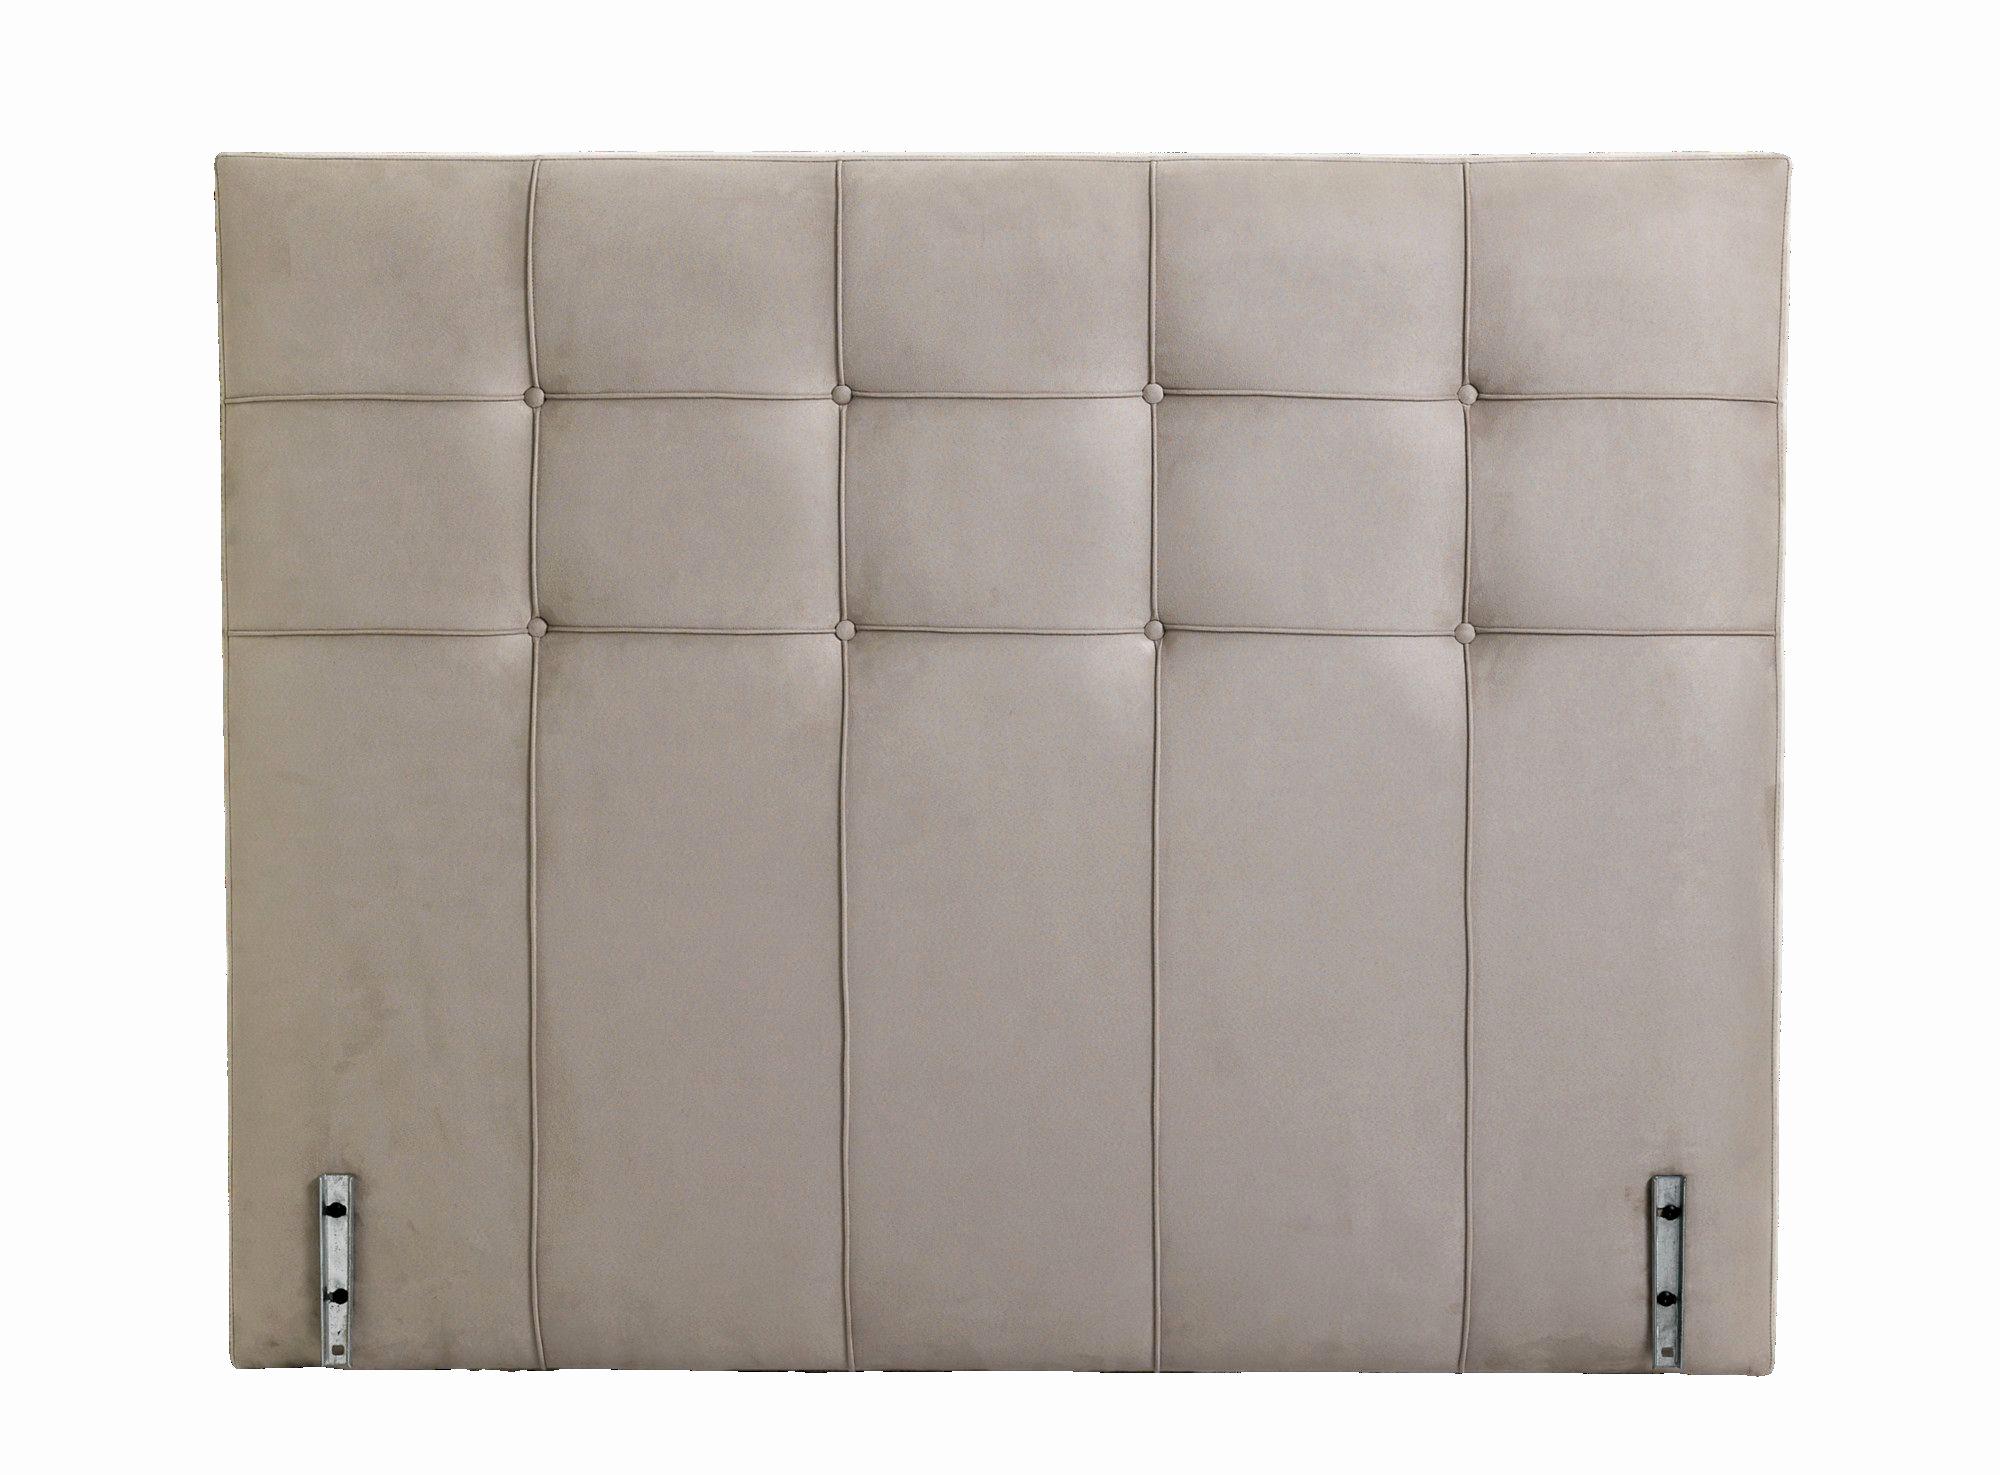 Lit Tatami Ikea Impressionnant Photos Tete De Lit Futon Inspirant Matelas Futon Pas Cher Meilleur De Bz 2